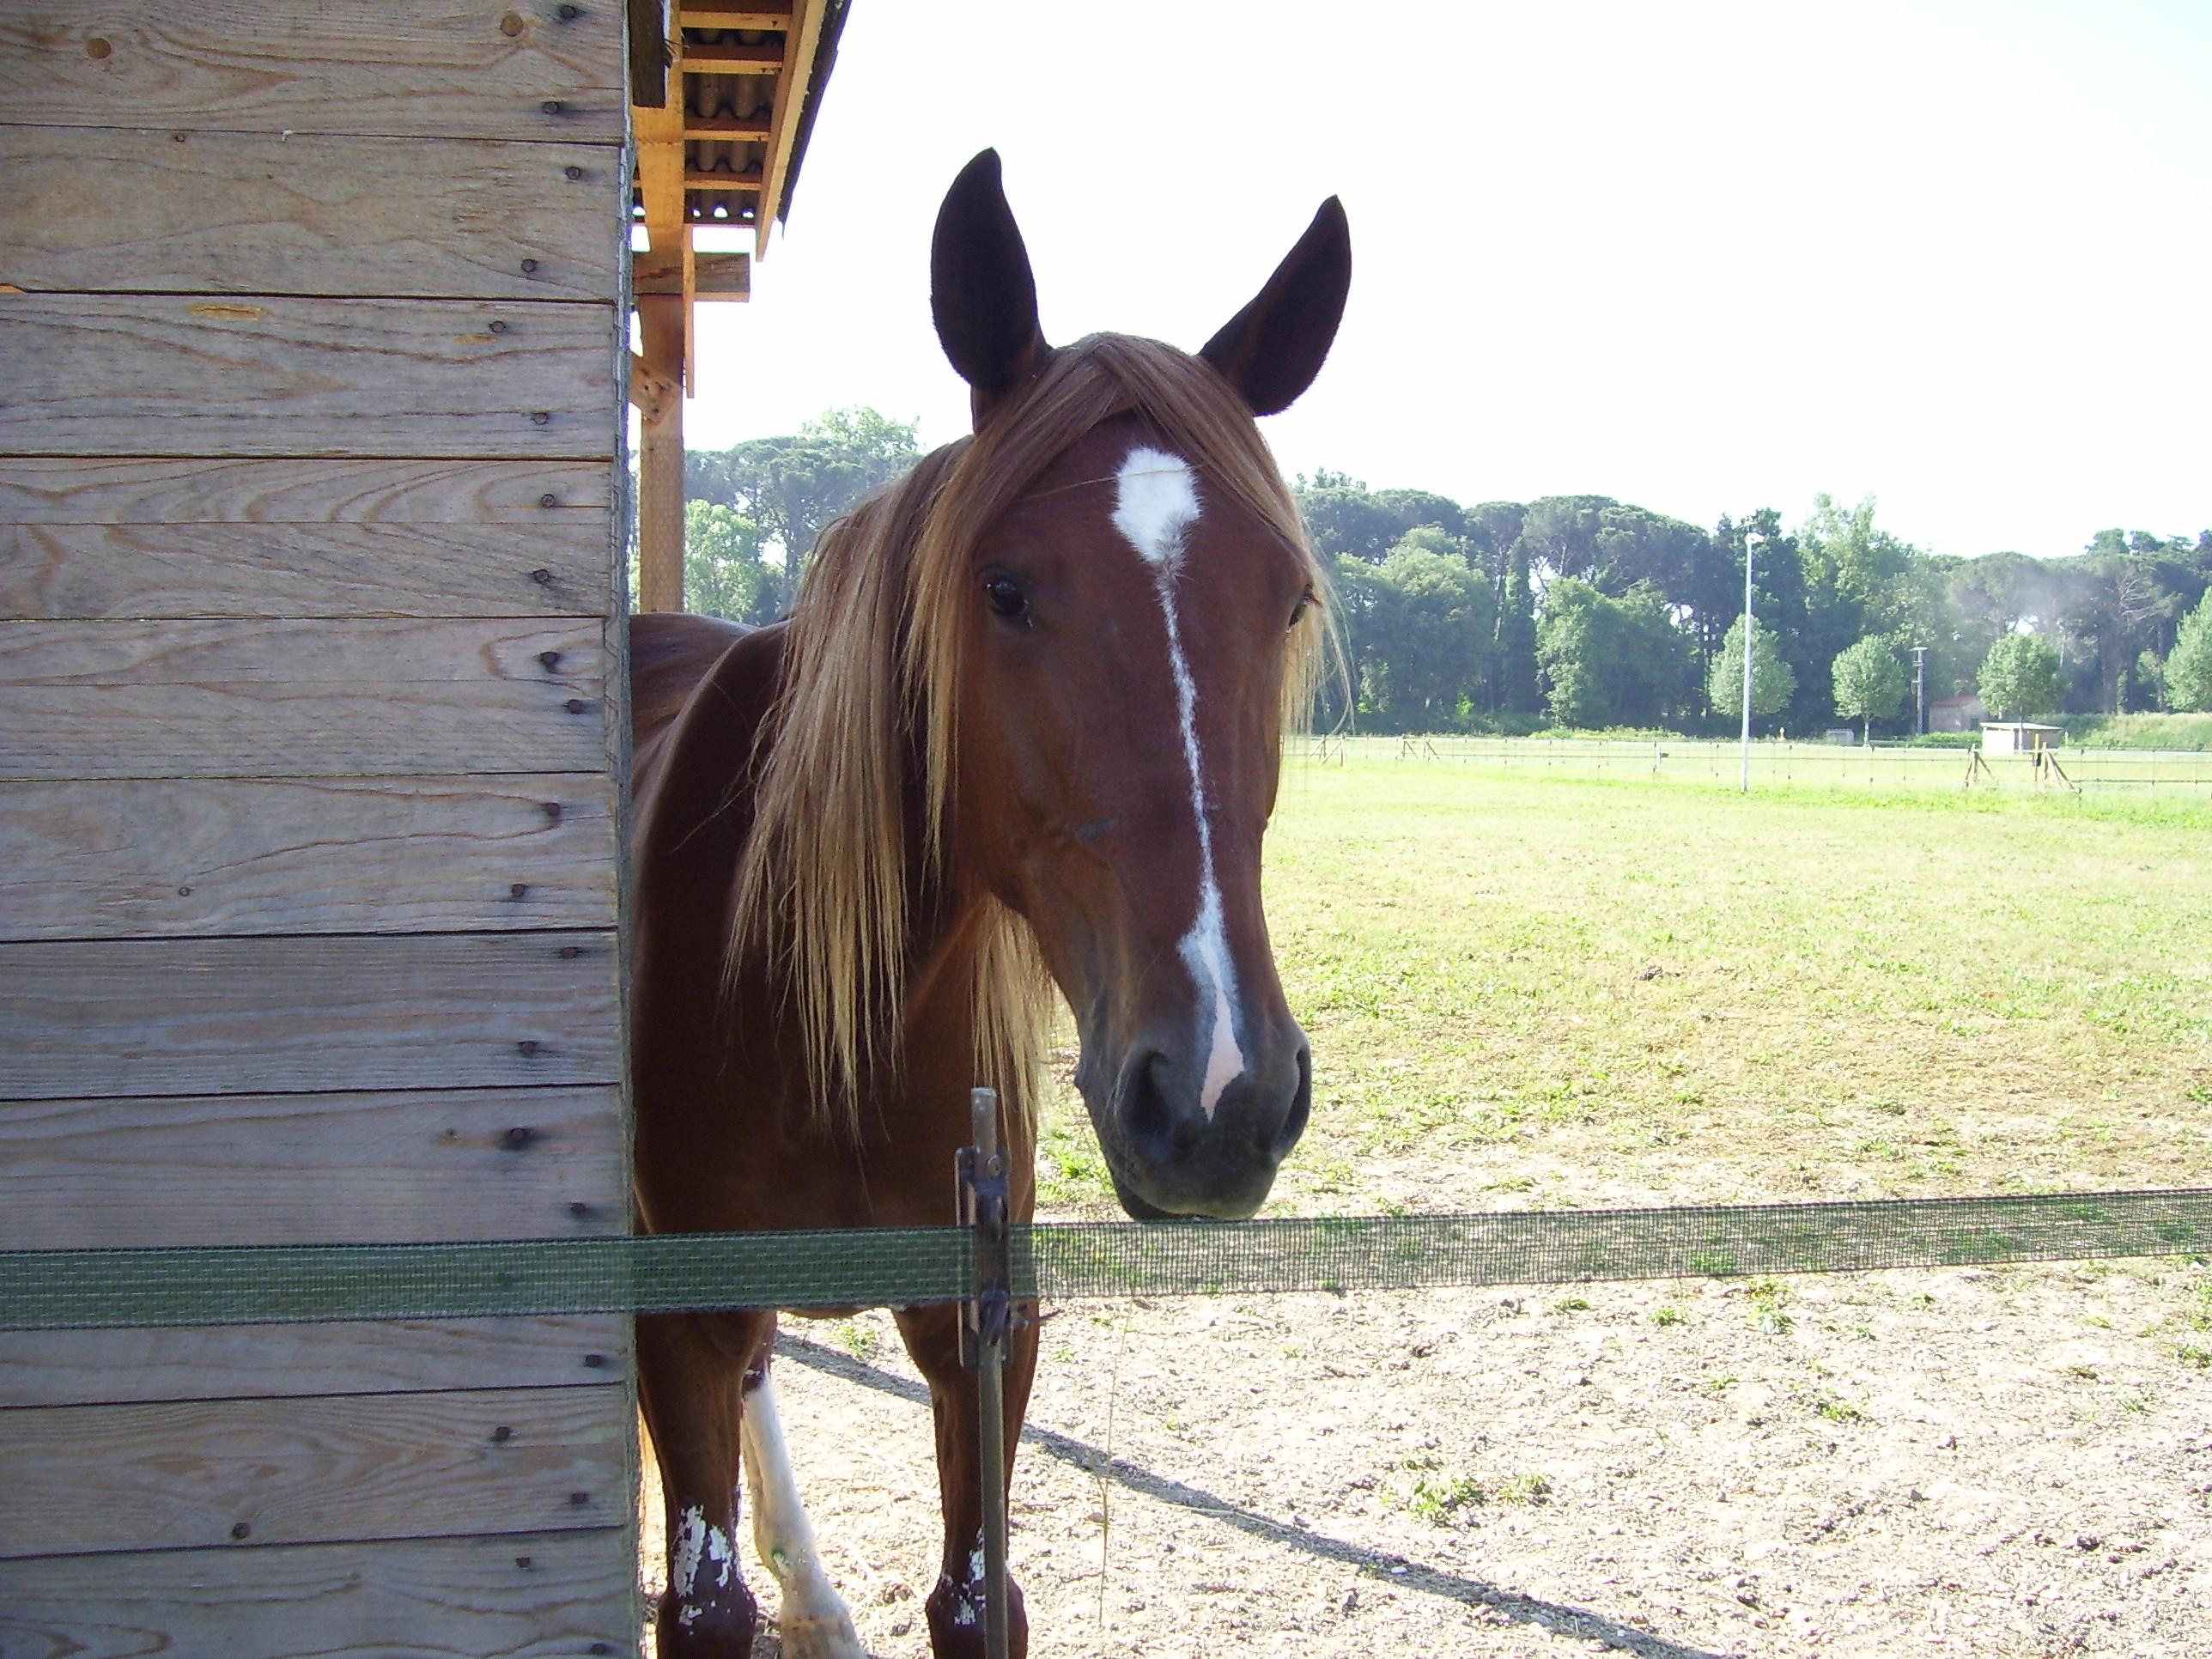 Muso di cavallo (Horse Head) 2.jpg